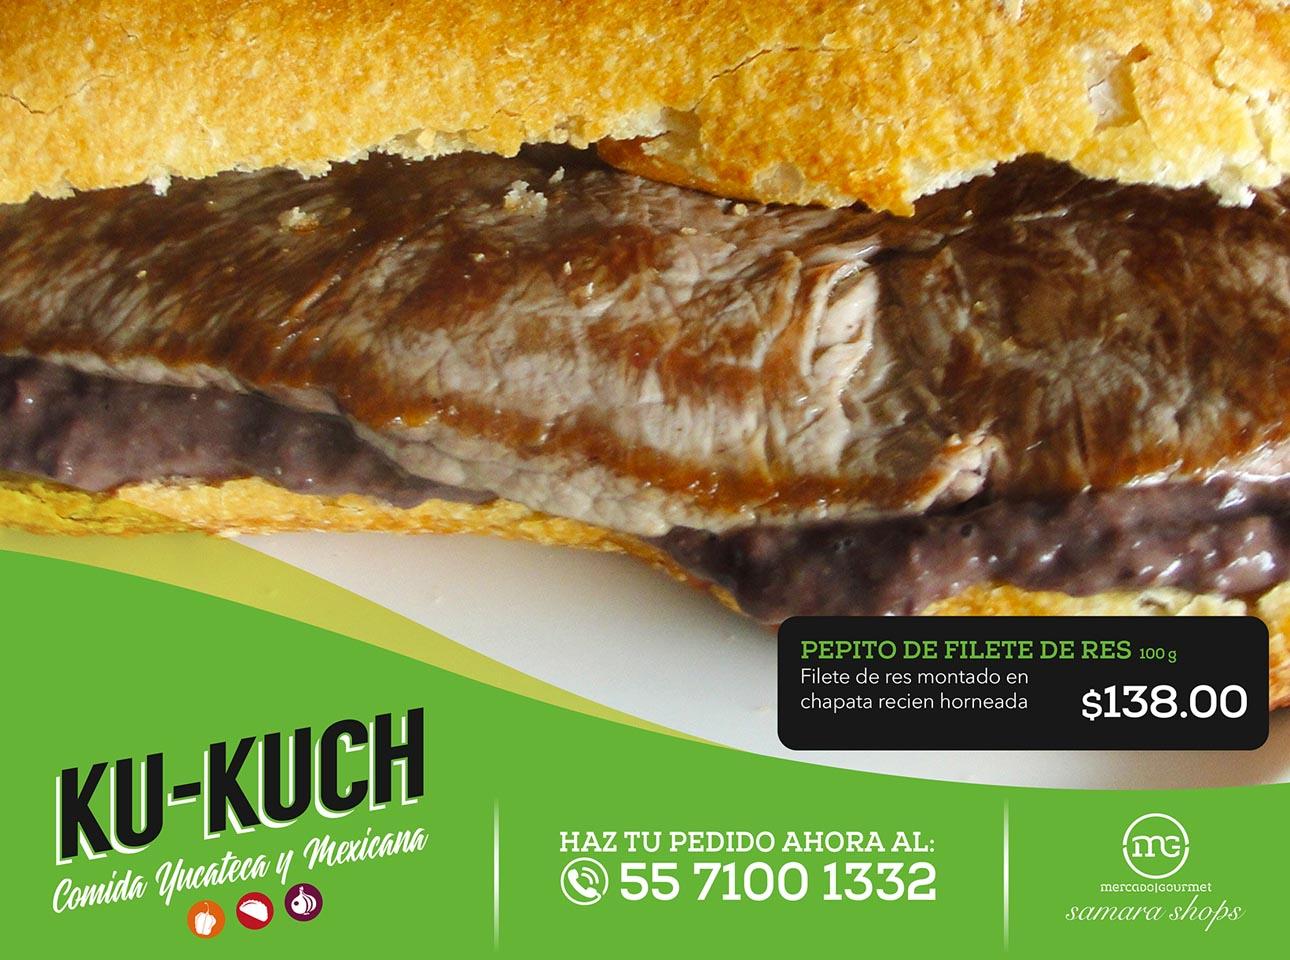 KukUch 2